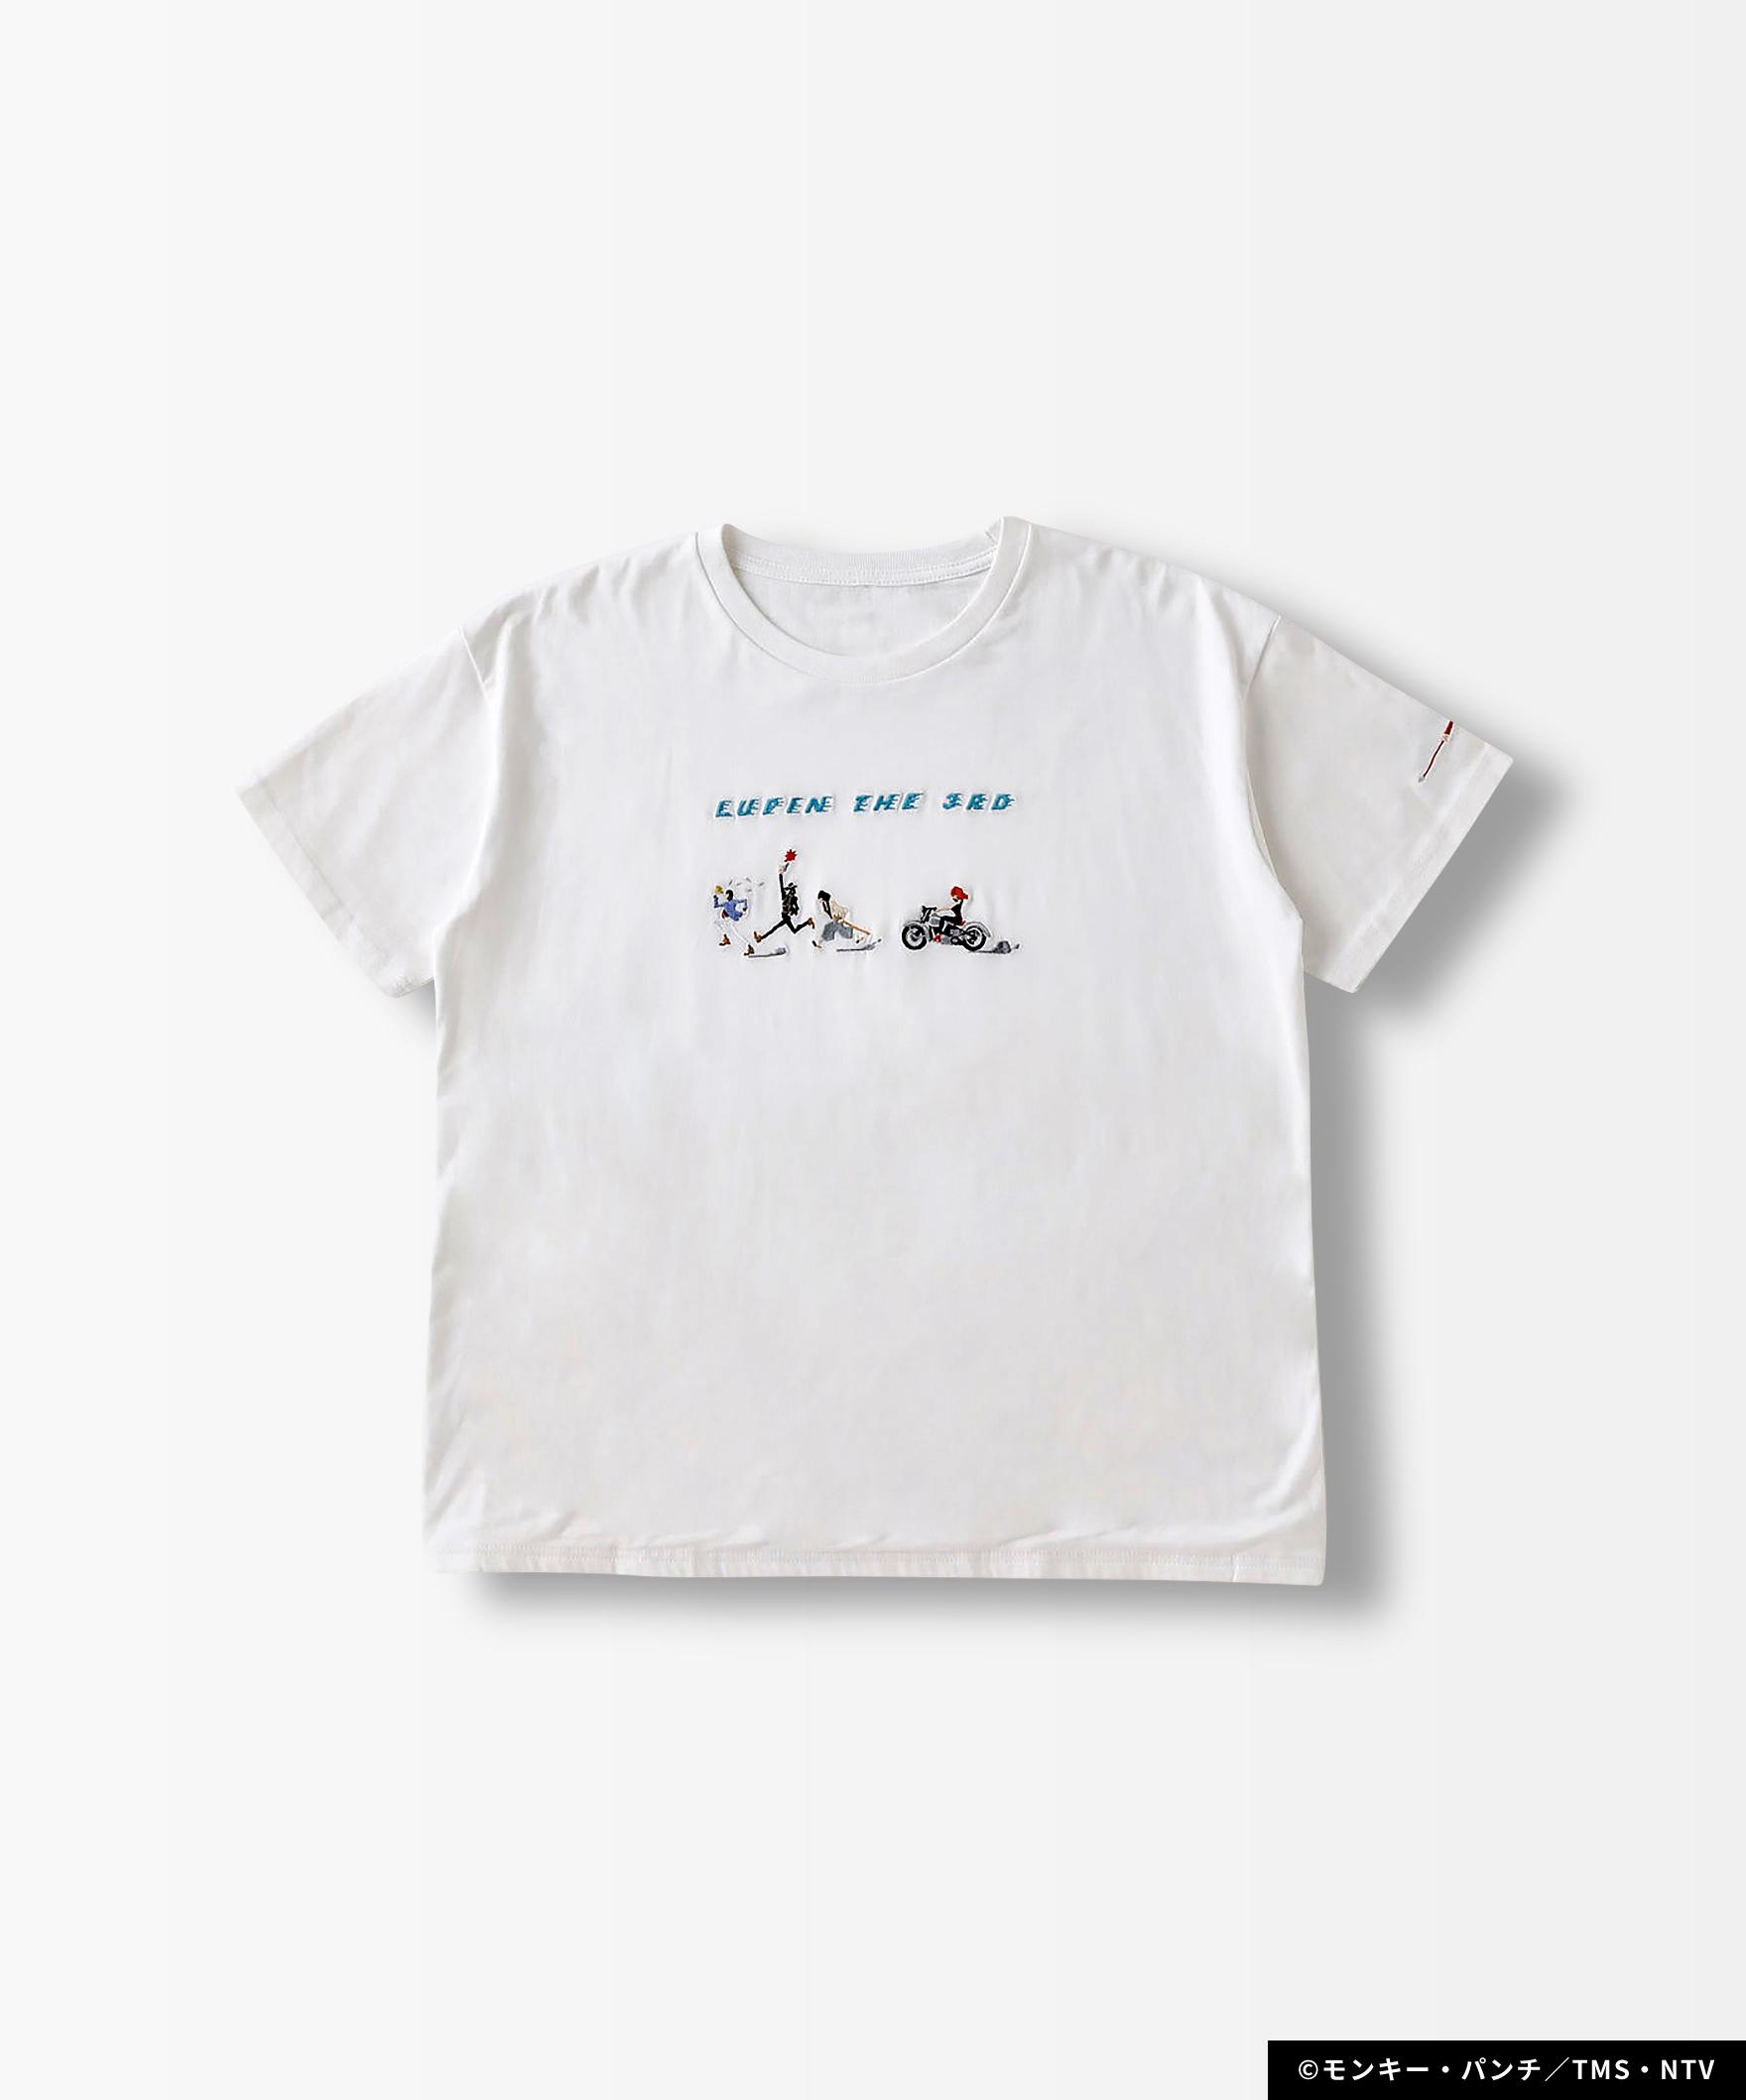 ルパン三世エンブロイダリーTシャツ